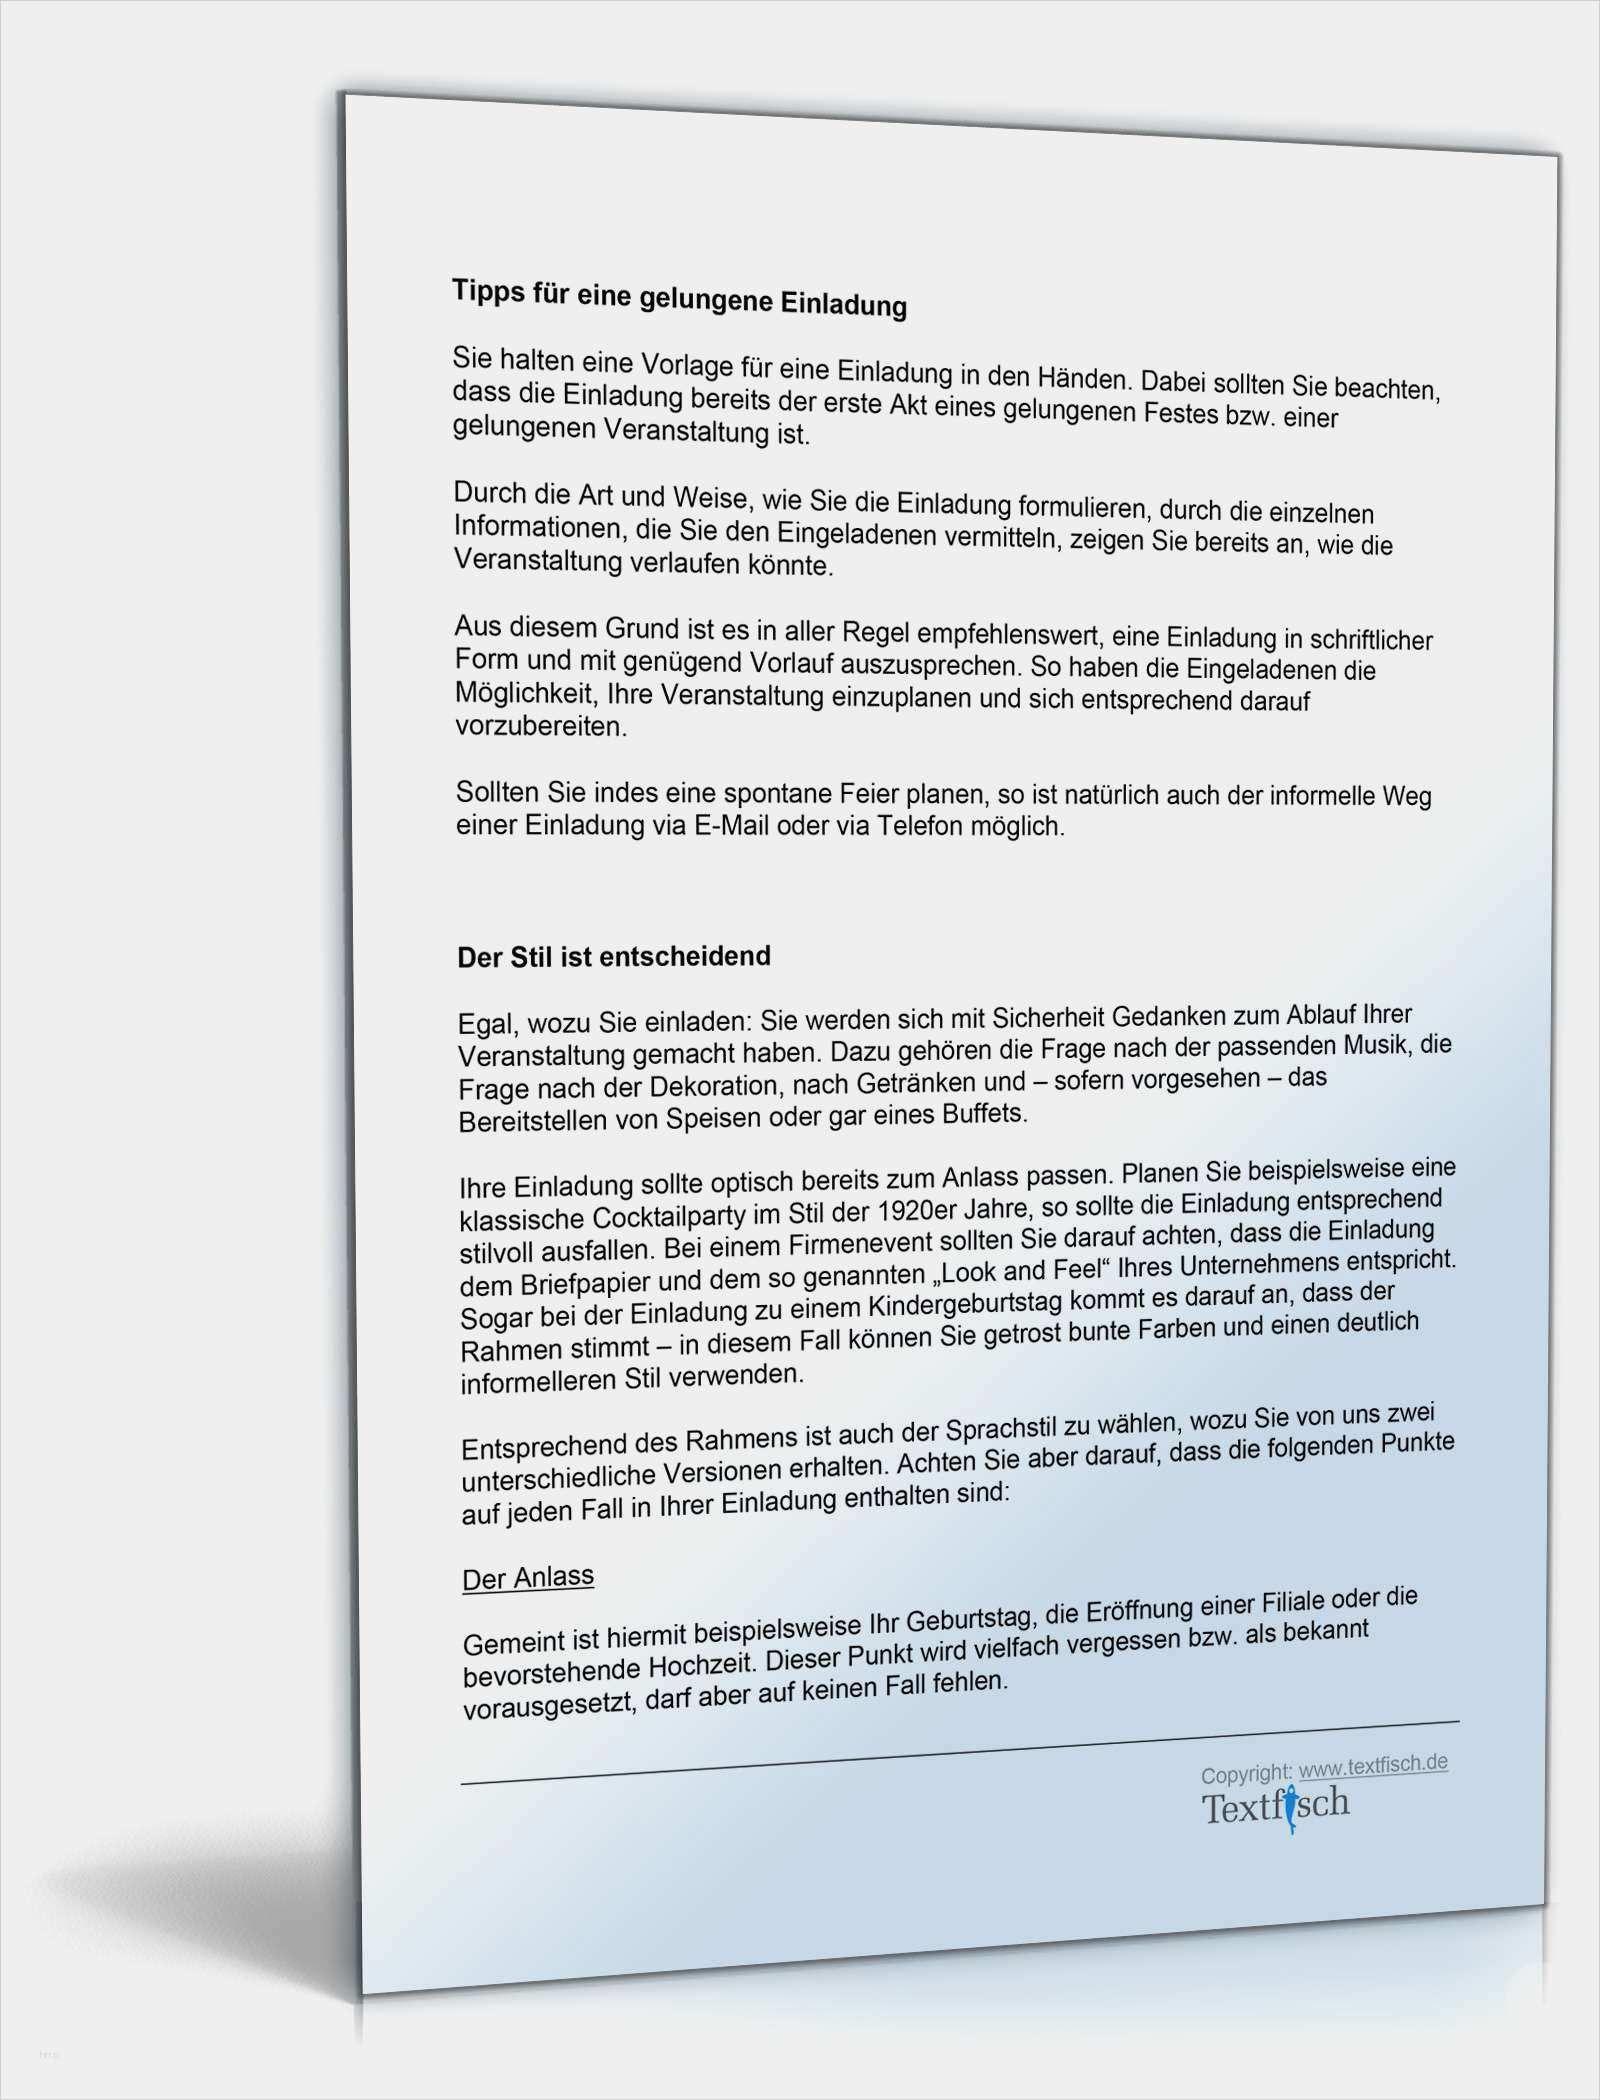 35 Cool Vorlage Einladung Zur Konfirmation Galerie In 2020 Einladung Hochzeit Text Einladung Konfirmation Einladungen